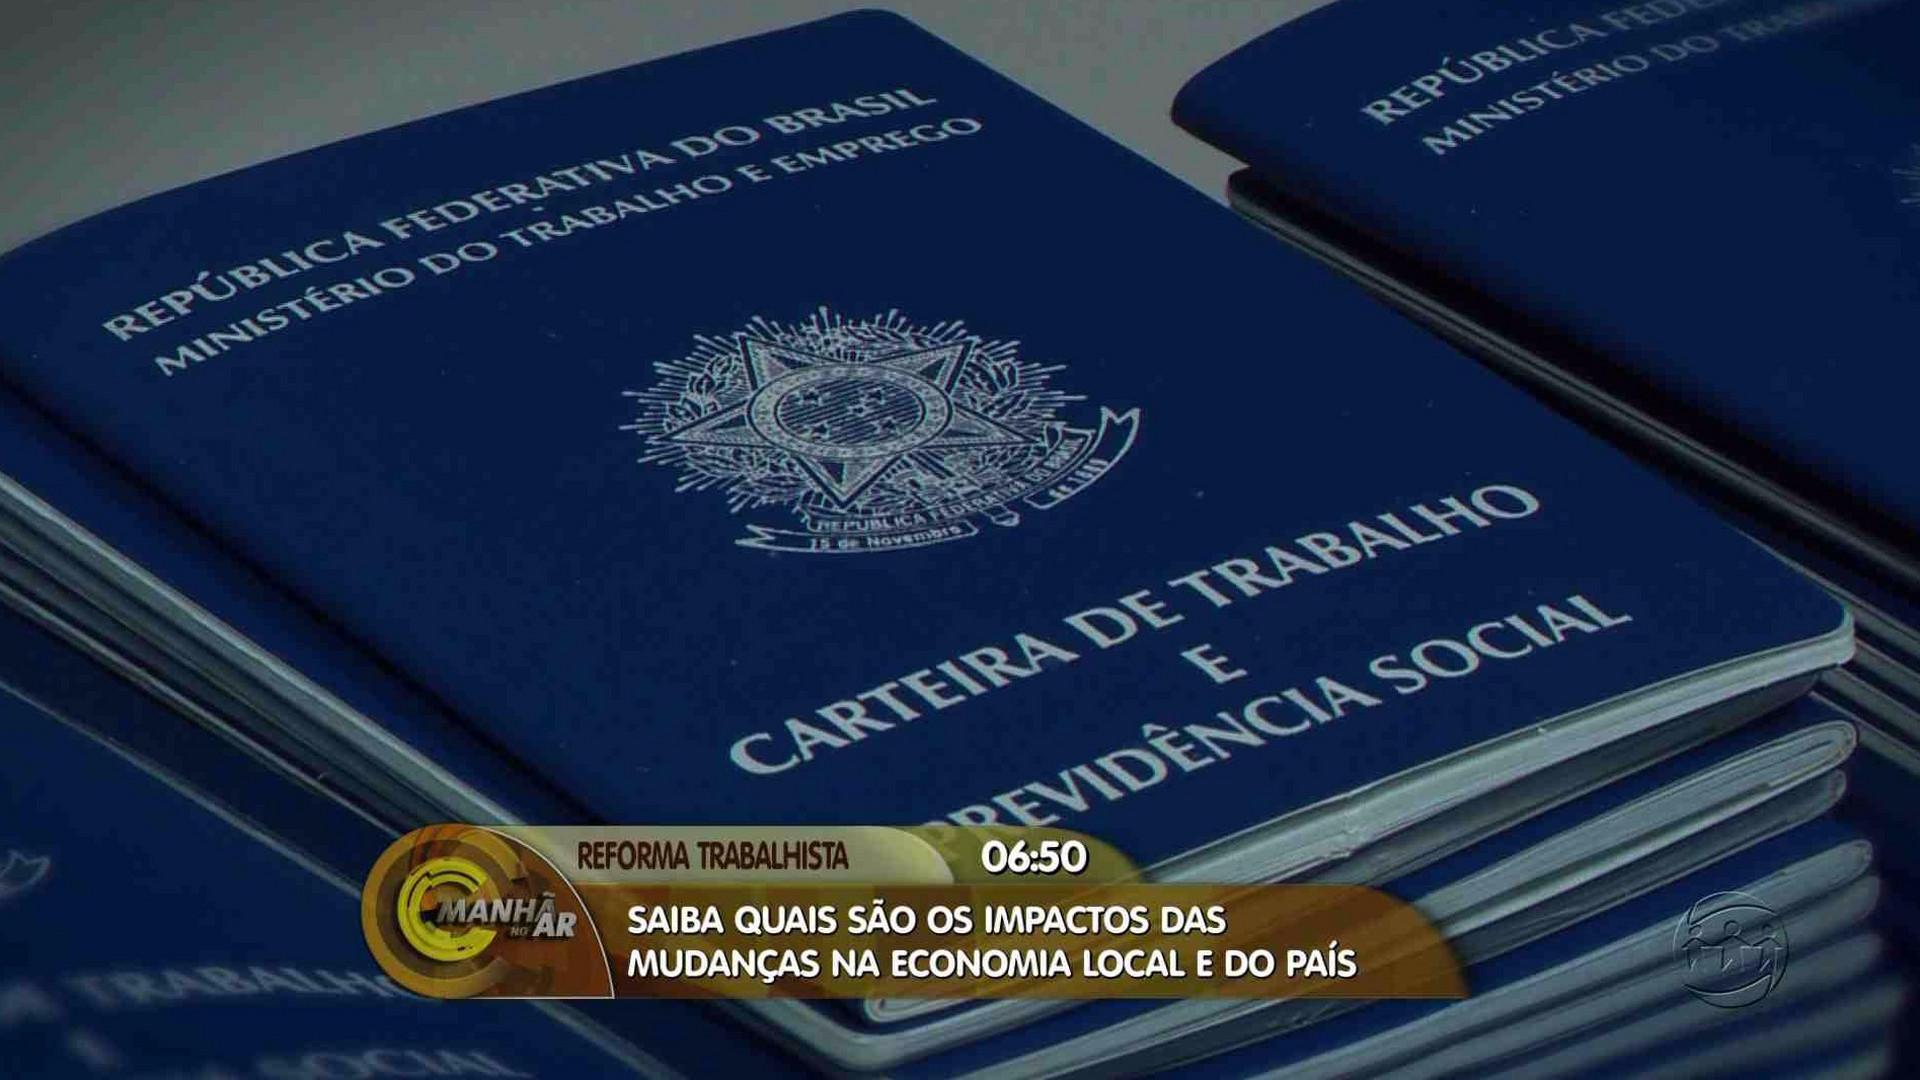 REFORMA TRABALHISTA: ENTENDA AS MUDANÇAS NA ECONOMIA LOCAL E DO PAÍS - Manhã no Ar 11/08/17